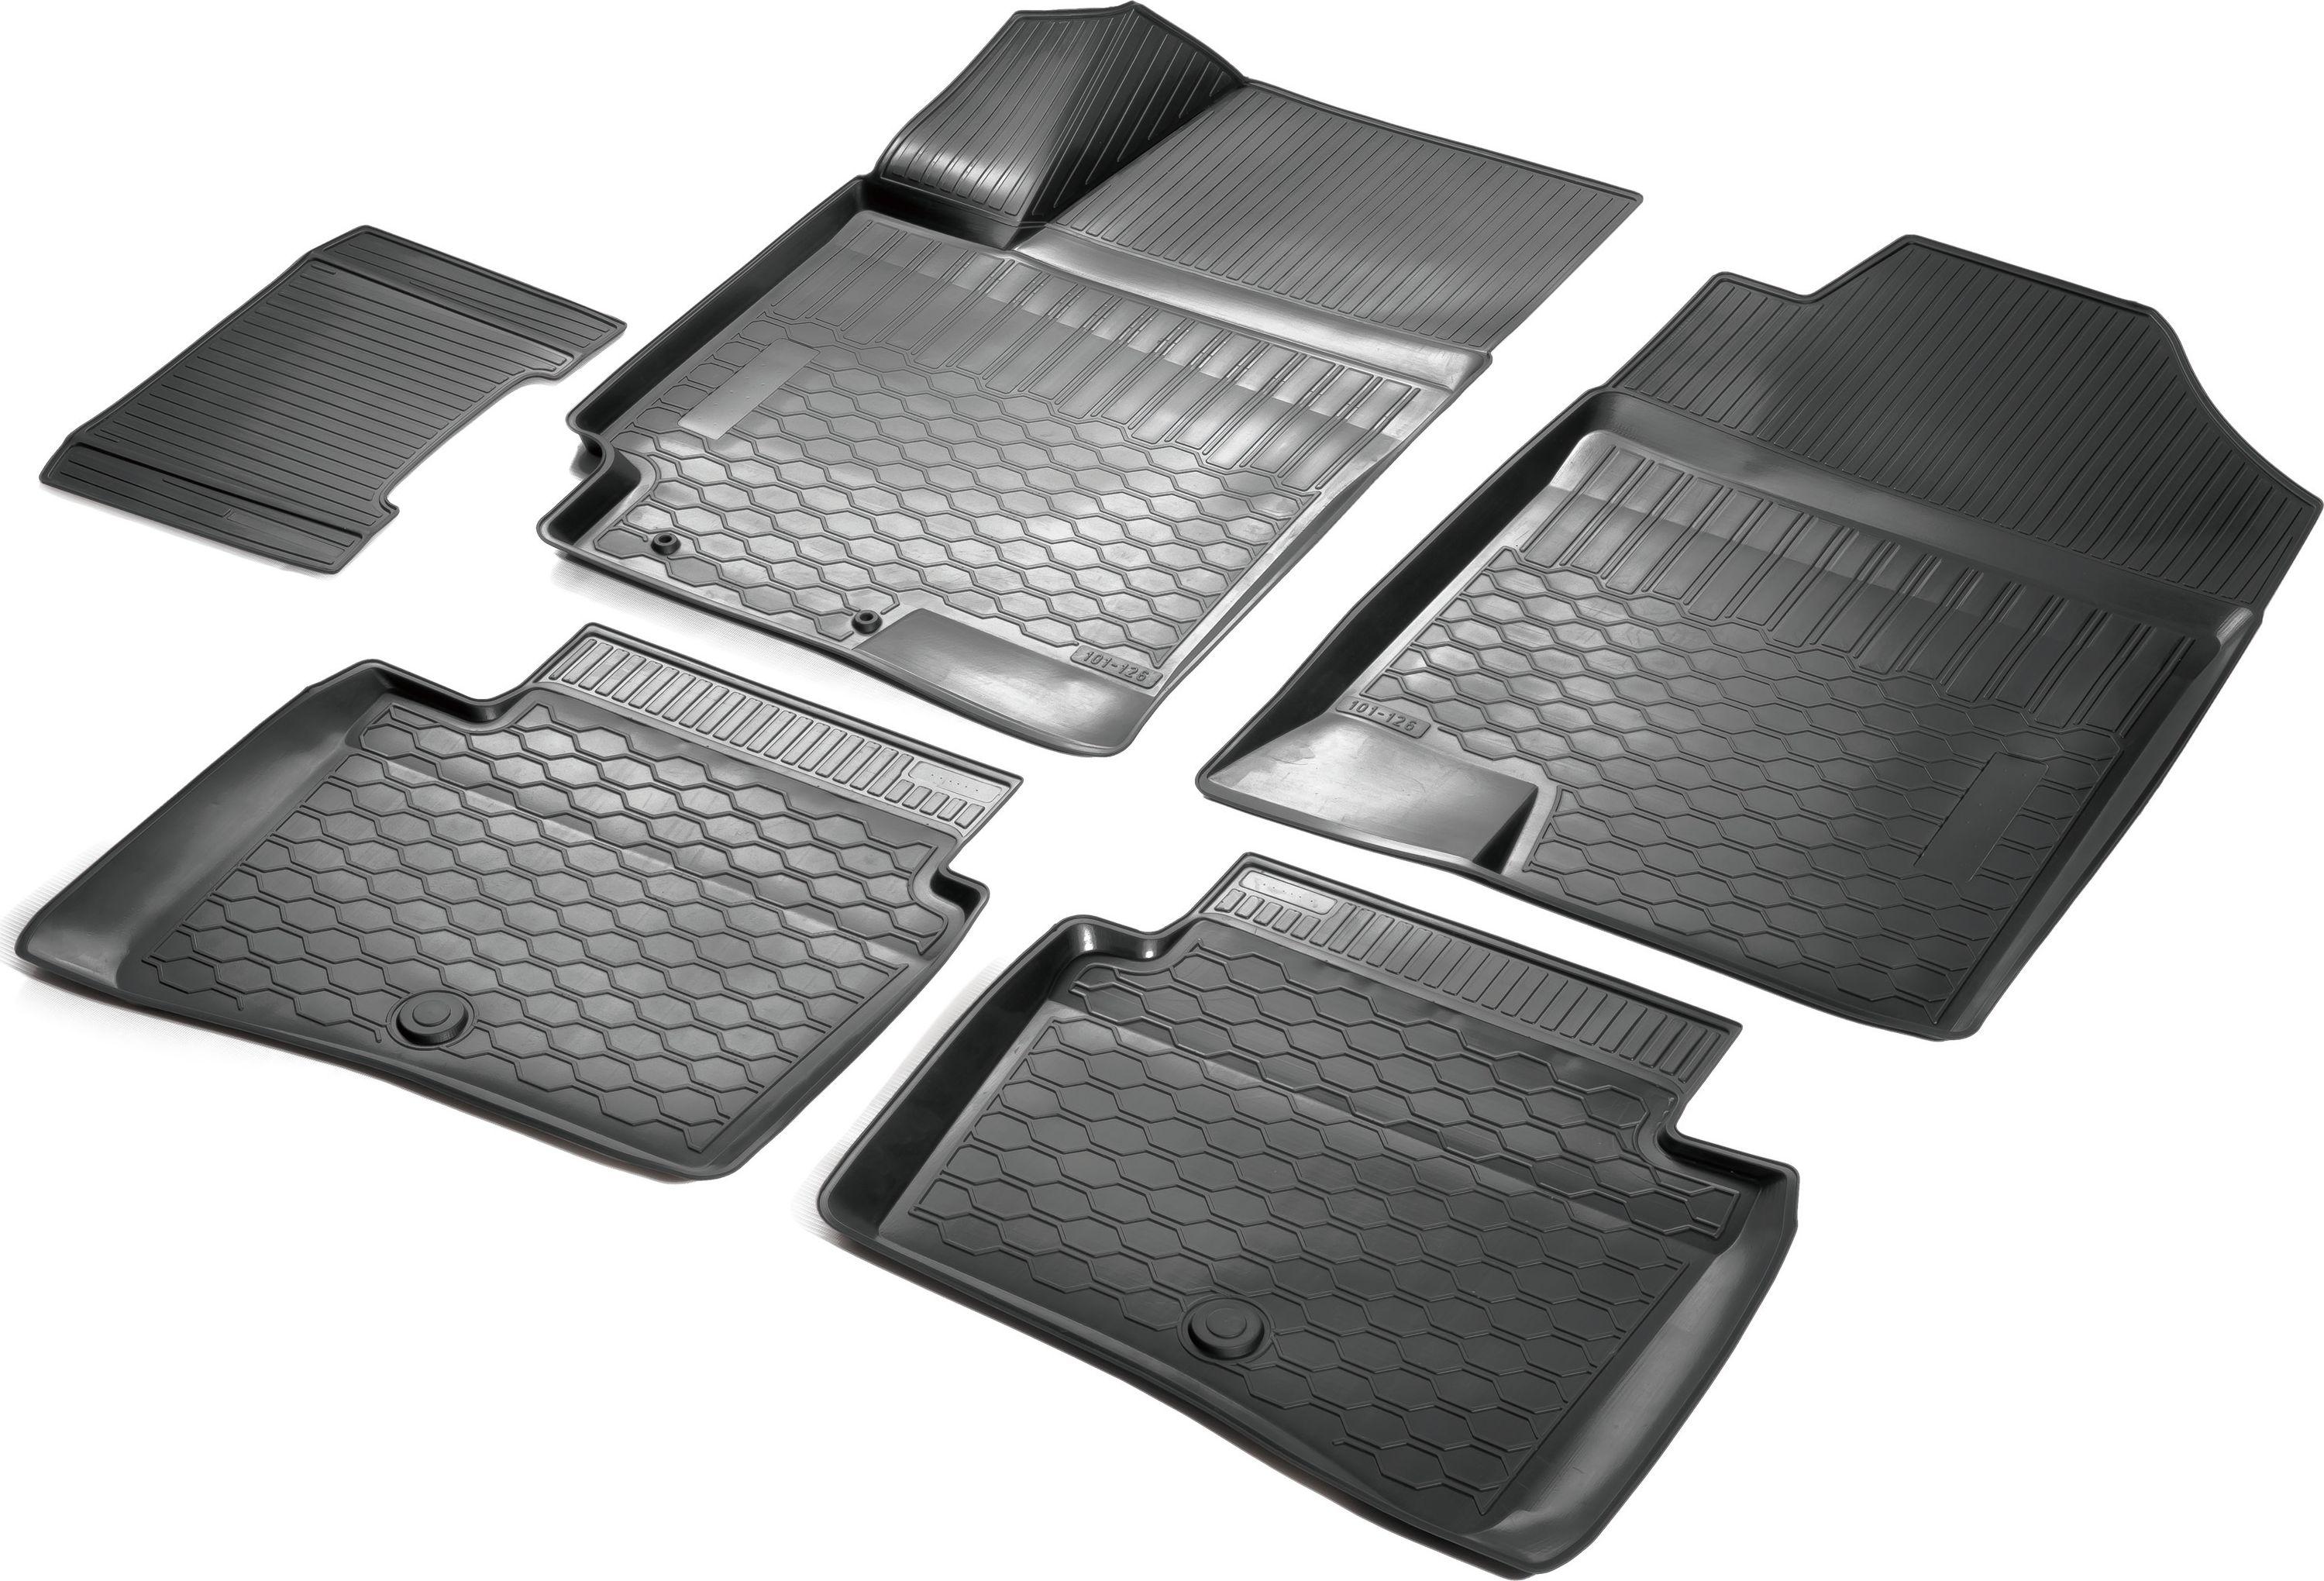 Коврики салона Rival для Hyundai Solaris (SD) 2017-, c перемычкой, полиуретан0012305007Прочные и долговечные коврики Rival в салон автомобиля, изготовлены из высококачественного и экологичного сырья, полностью повторяют геометрию салона вашего автомобиля. - Надежная система крепления, позволяющая закрепить коврик на штатные элементы фиксации, в результате чего отсутствует эффект скольжения по салону автомобиля. - Высокая стойкость поверхности к стиранию. - Специализированный рисунок и высокий борт, препятствующие распространению грязи и жидкости по поверхности коврика. - Перемычка задних ковриков в комплекте предотвращает загрязнение тоннеля карданного вала. - Произведены из первичных материалов, в результате чего отсутствует неприятный запах в салоне автомобиля. - Высокая эластичность, можно беспрепятственно эксплуатировать при температуре от -45 ?C до +45 ?C. Уважаемые клиенты! Обращаем ваше внимание, что коврики имеет форму соответствующую модели данного автомобиля. Фото служит для визуального восприятия товара.